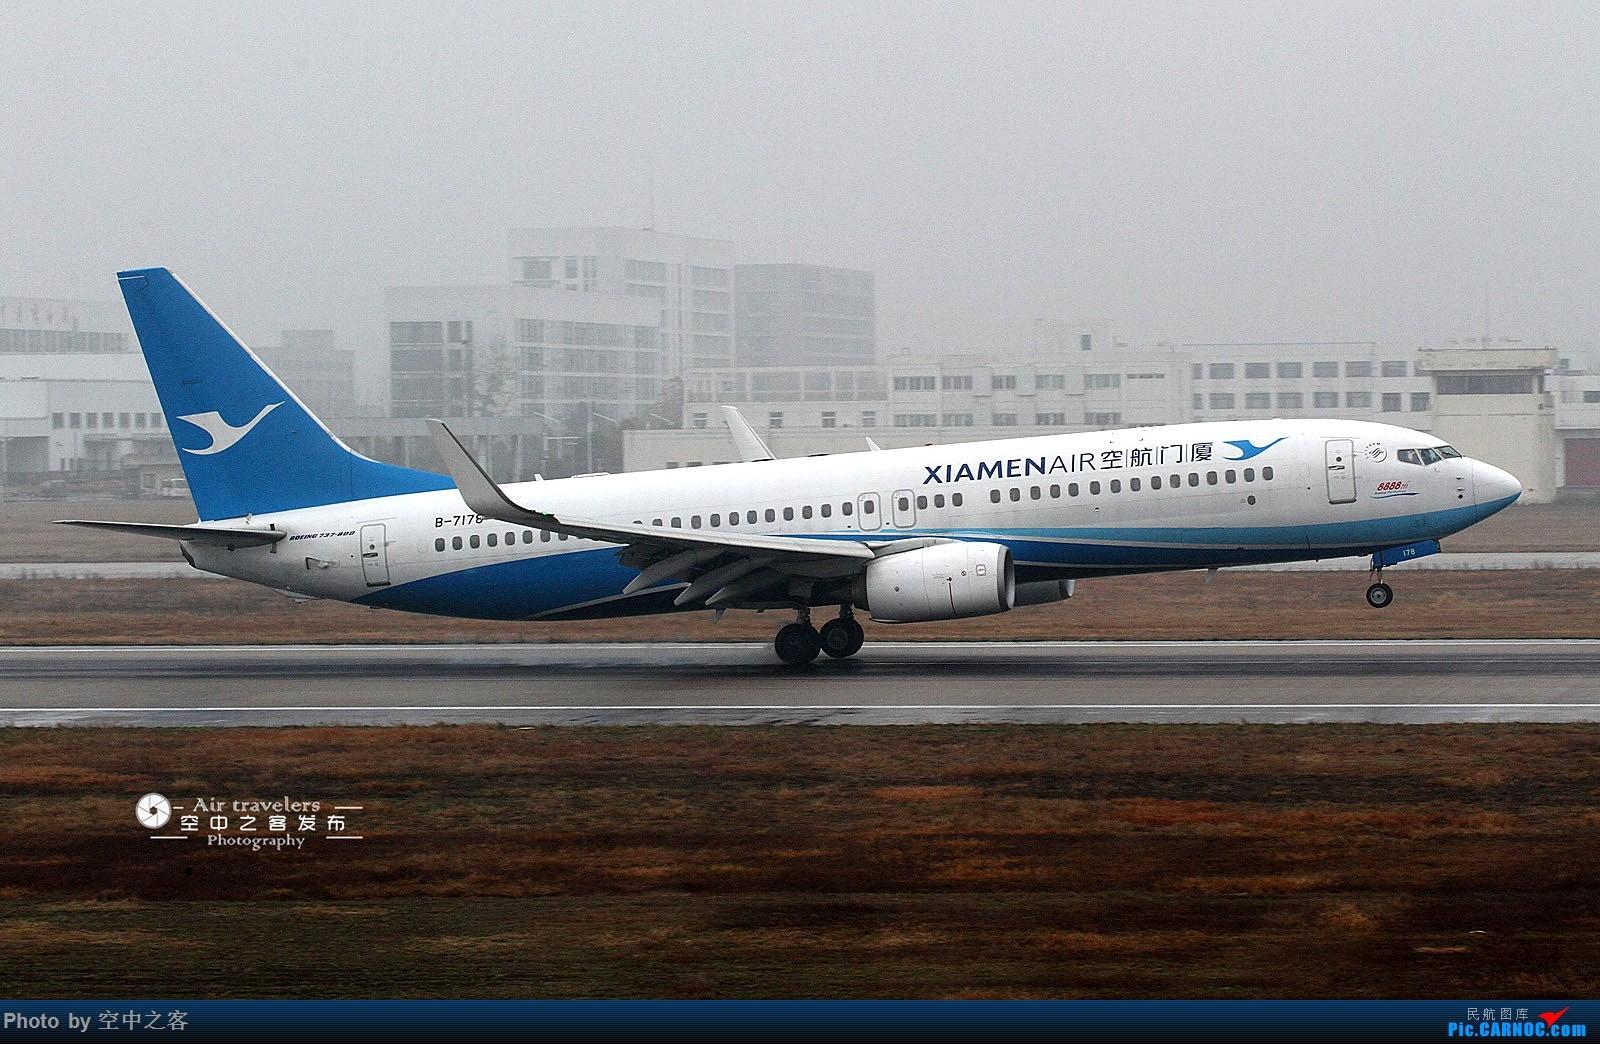 [原创][合肥飞友会·霸都打机队·空中之客发布]补上2018还漏了几张没发 BOEING 737-800 B-7176 合肥新桥国际机场